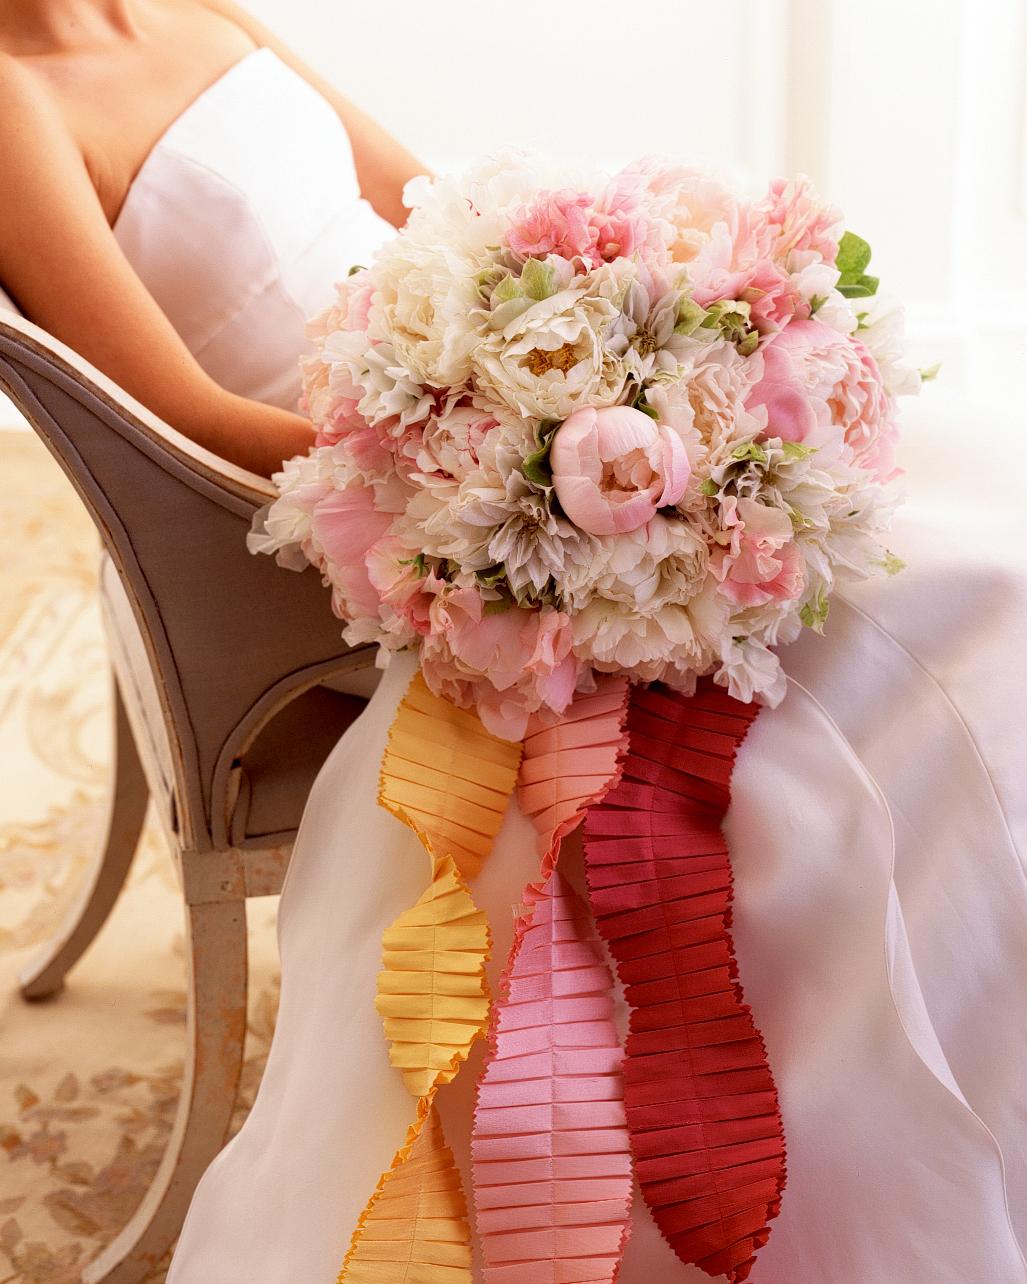 msw-04-bouquet-a100298.jpg